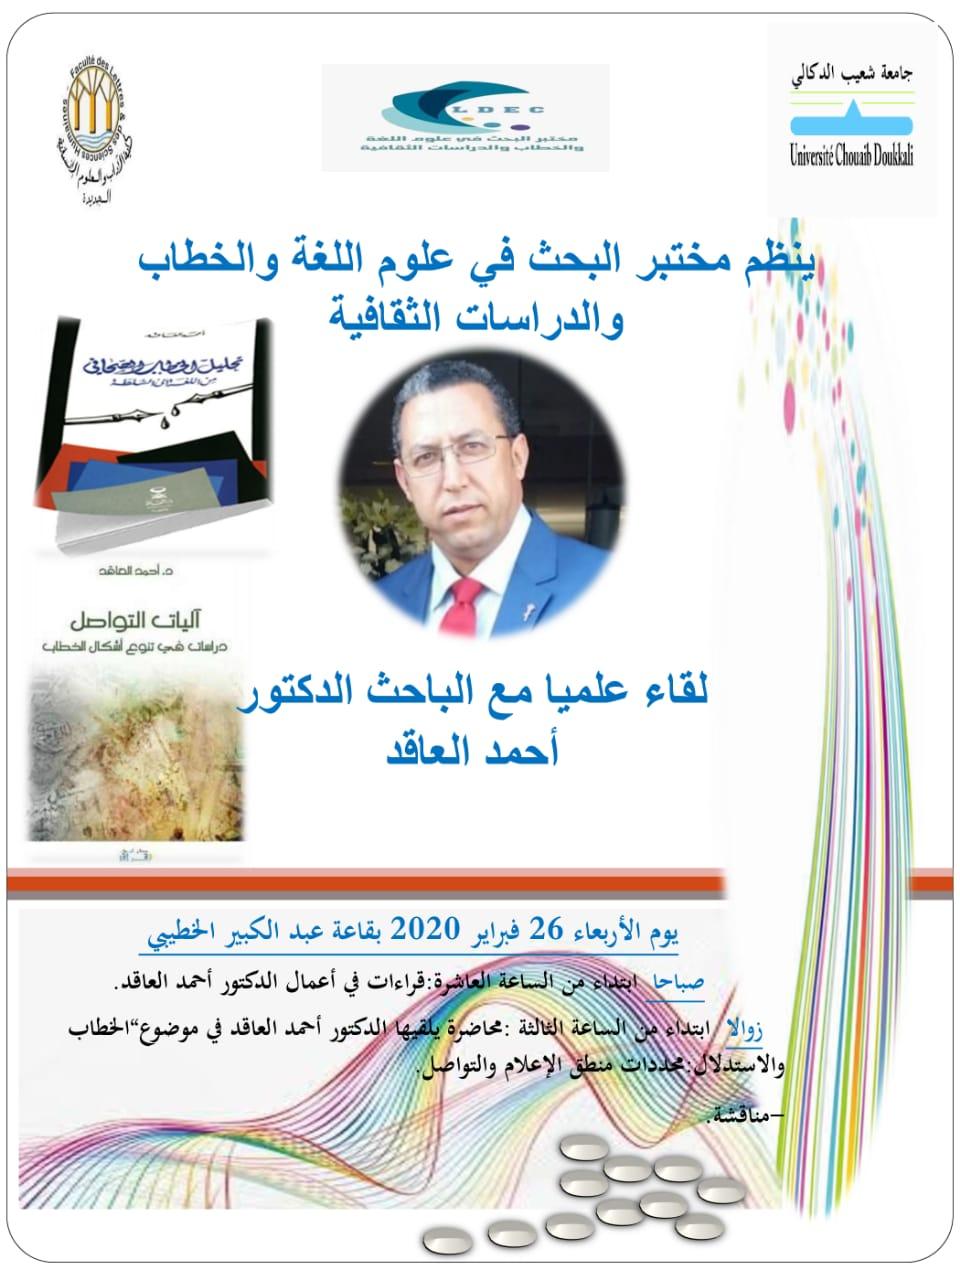 'جمعية مزغان الرياضية لأسرة التعليم' تعرض مشروعها على المدير الاقليمي للتعليم بالجديدة.